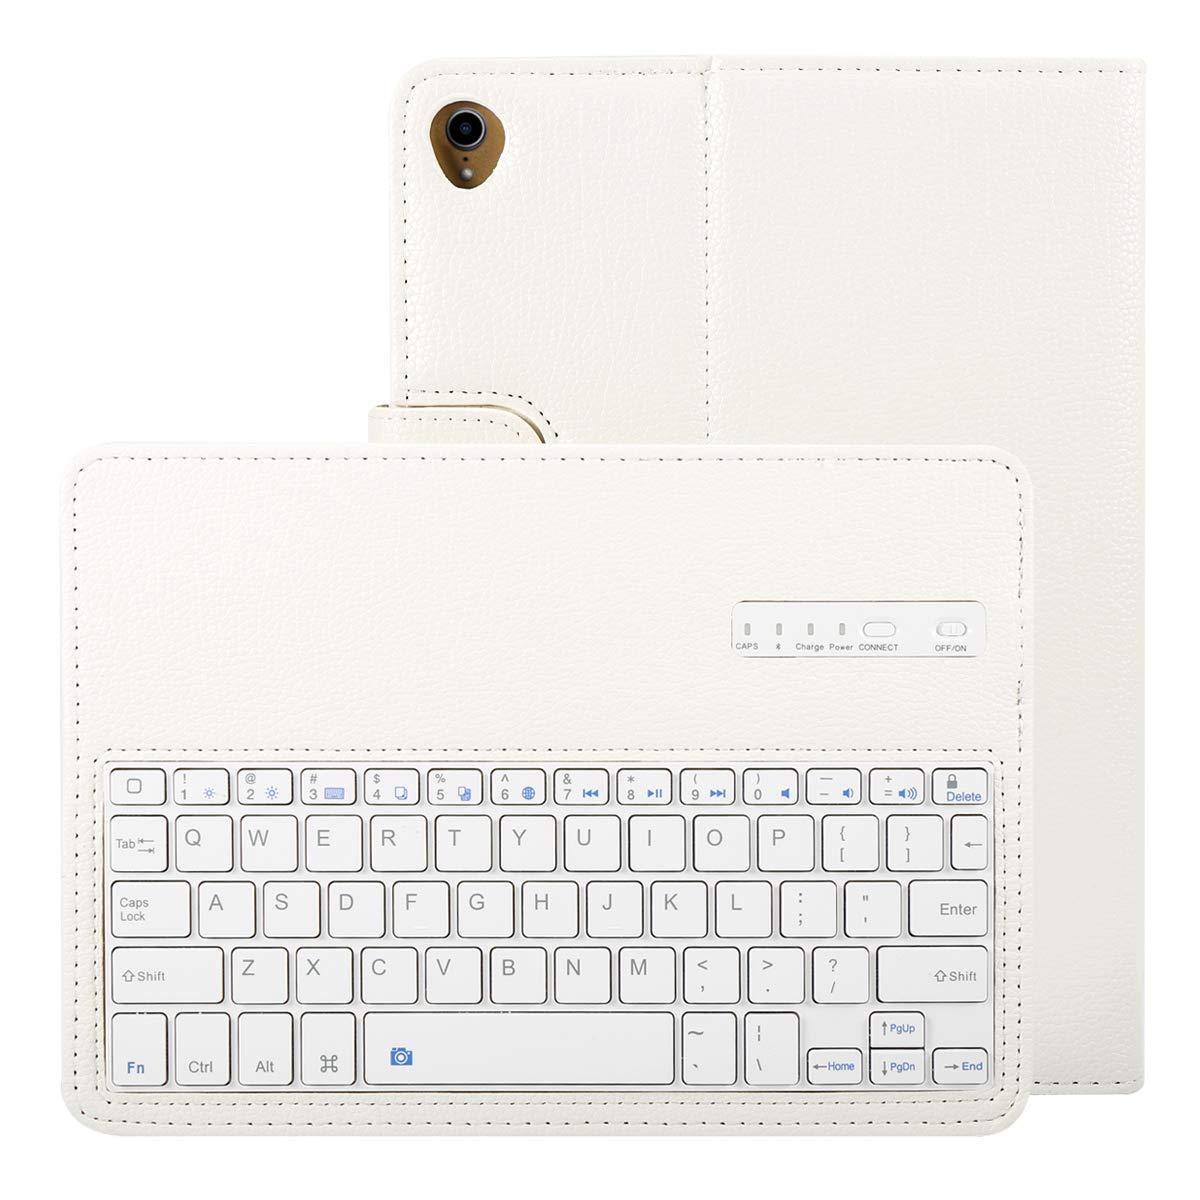 柔らかい iPad Pro 12.9インチ 2018 ホワイト キーボードケース 12.9インチ ホワイト iPad LifeePro ホワイト B07KXSV6XX, 腕時計&雑貨 イデアル:930cecf3 --- a0267596.xsph.ru